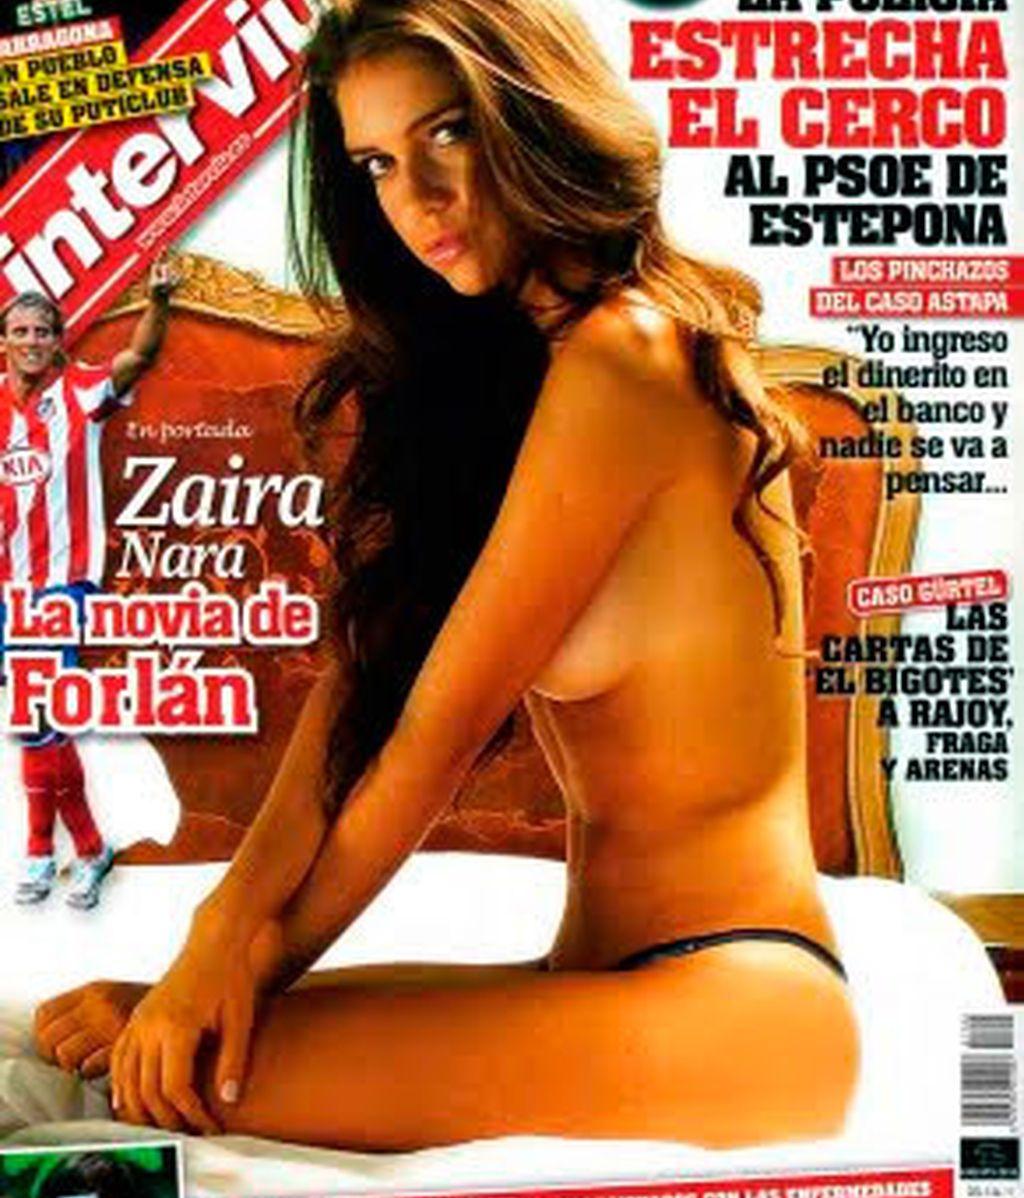 Así es Zaira Nara, la novia y futura mujer de Forlán